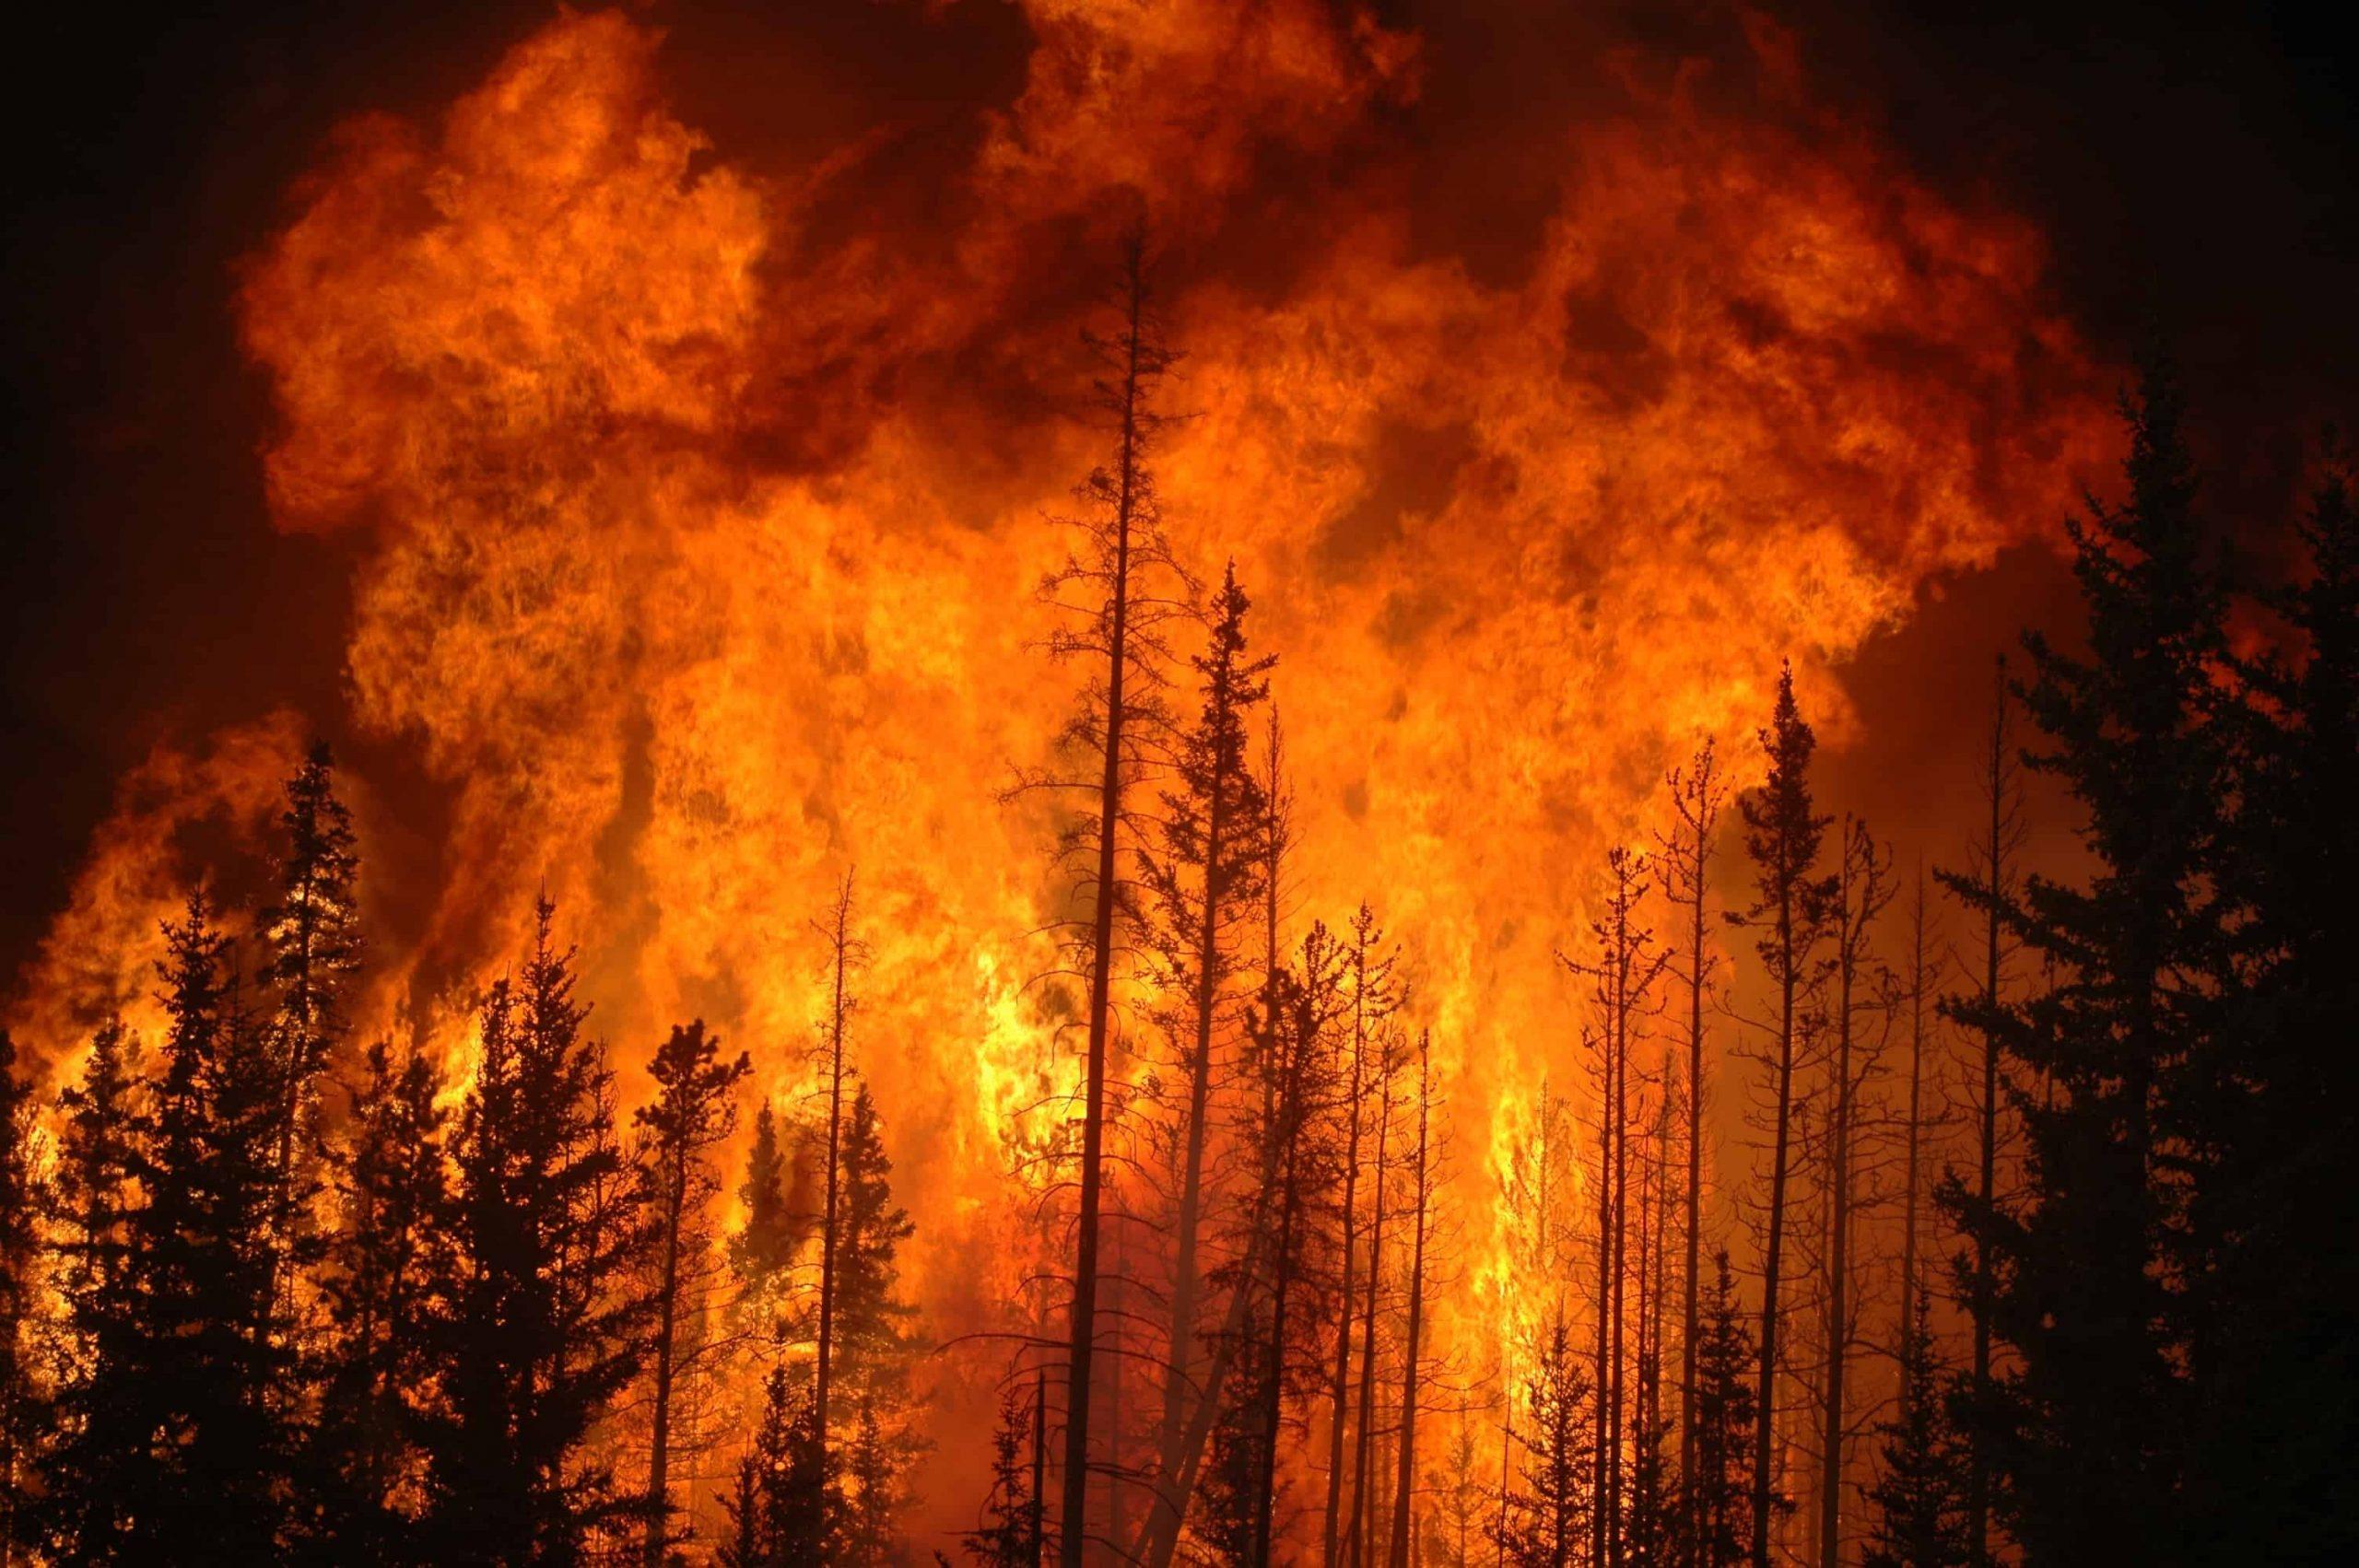 Photo of يقول العلماء إن هناك صلة واضحة بين تغير المناخ وحرائق الغابات الشديدة المتزايدة في ألبرتا وكولومبيا البريطانية